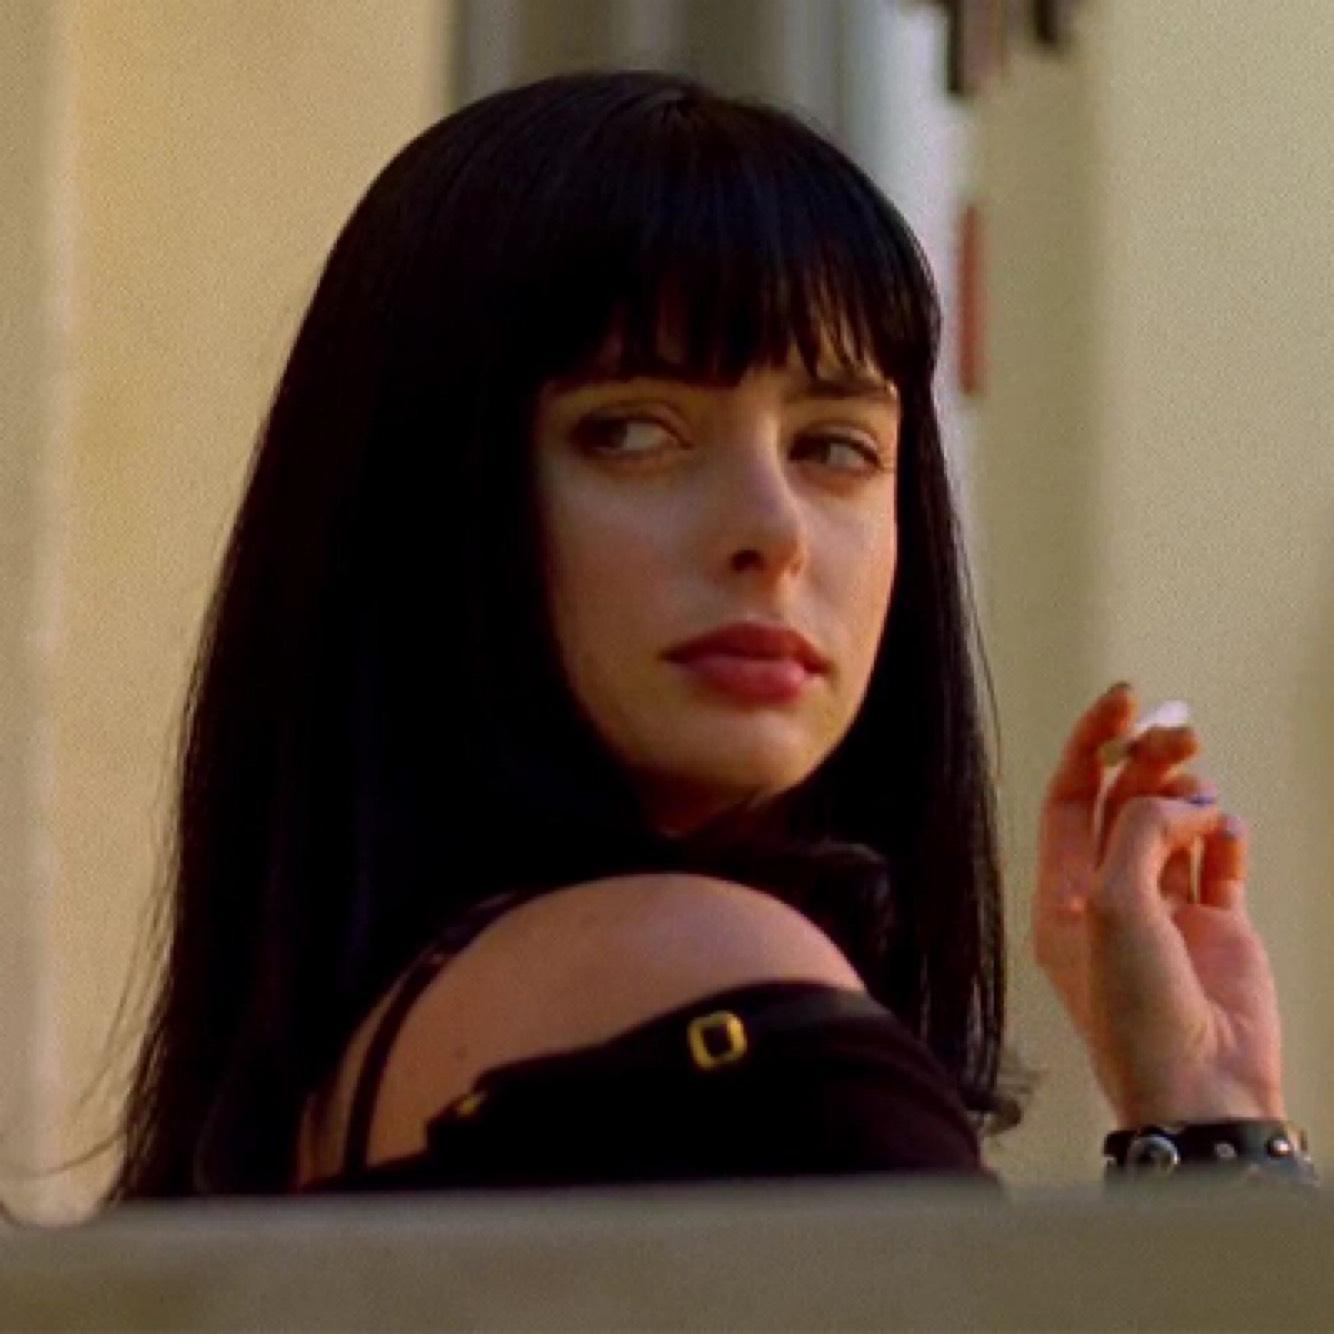 Jenn R's profile image